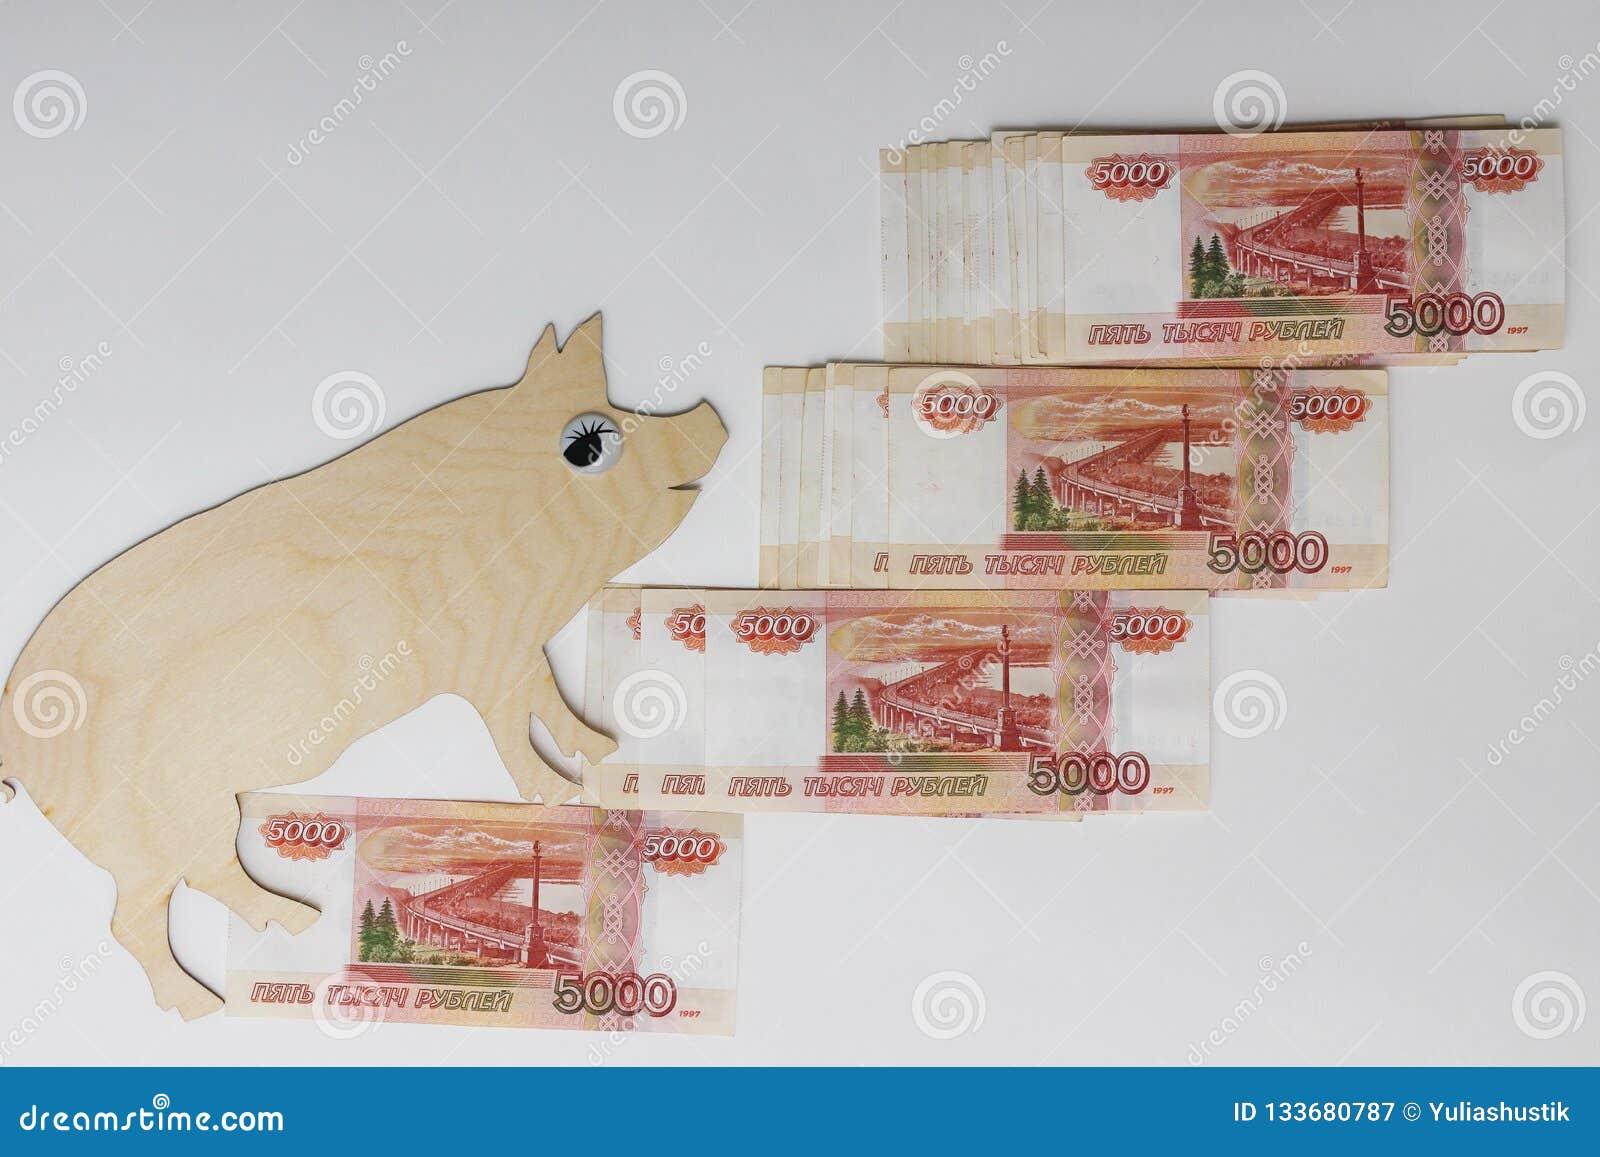 De gangen van het symbool 2019 varken op Russische bankbiljetten 5000 roebels